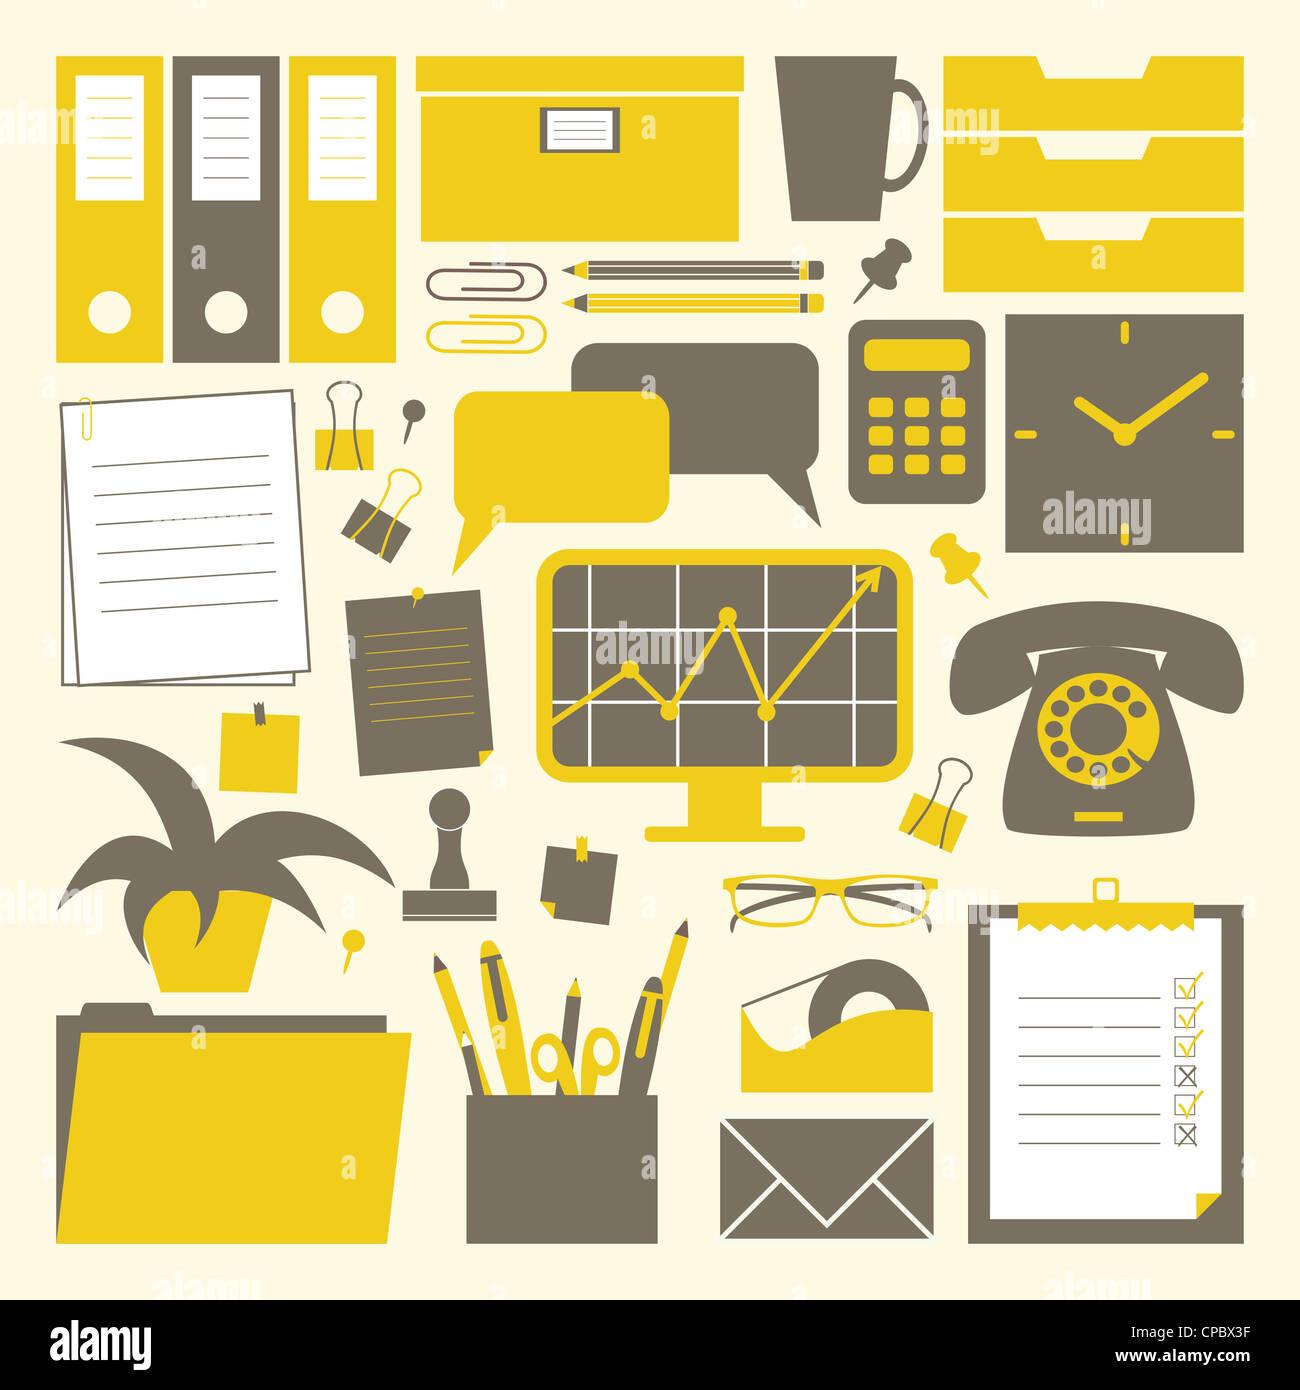 Una raccolta di carica gli oggetti correlati in giallo, grigio scuro e bianco. Immagini Stock